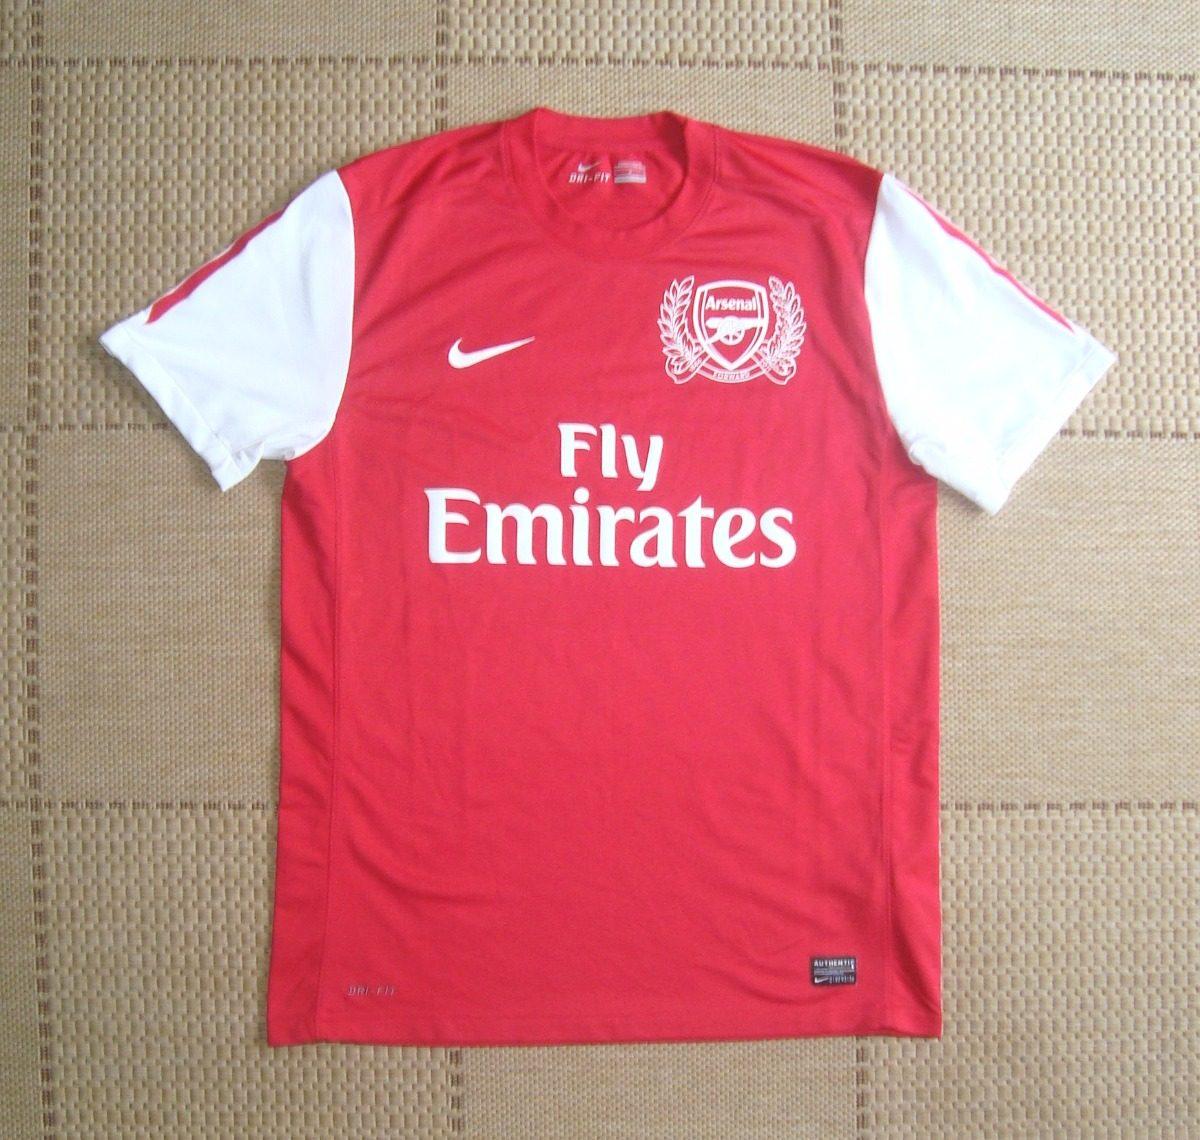 camisa original arsenal 2011 2012 home. Carregando zoom. 6a3dfb96f7da5